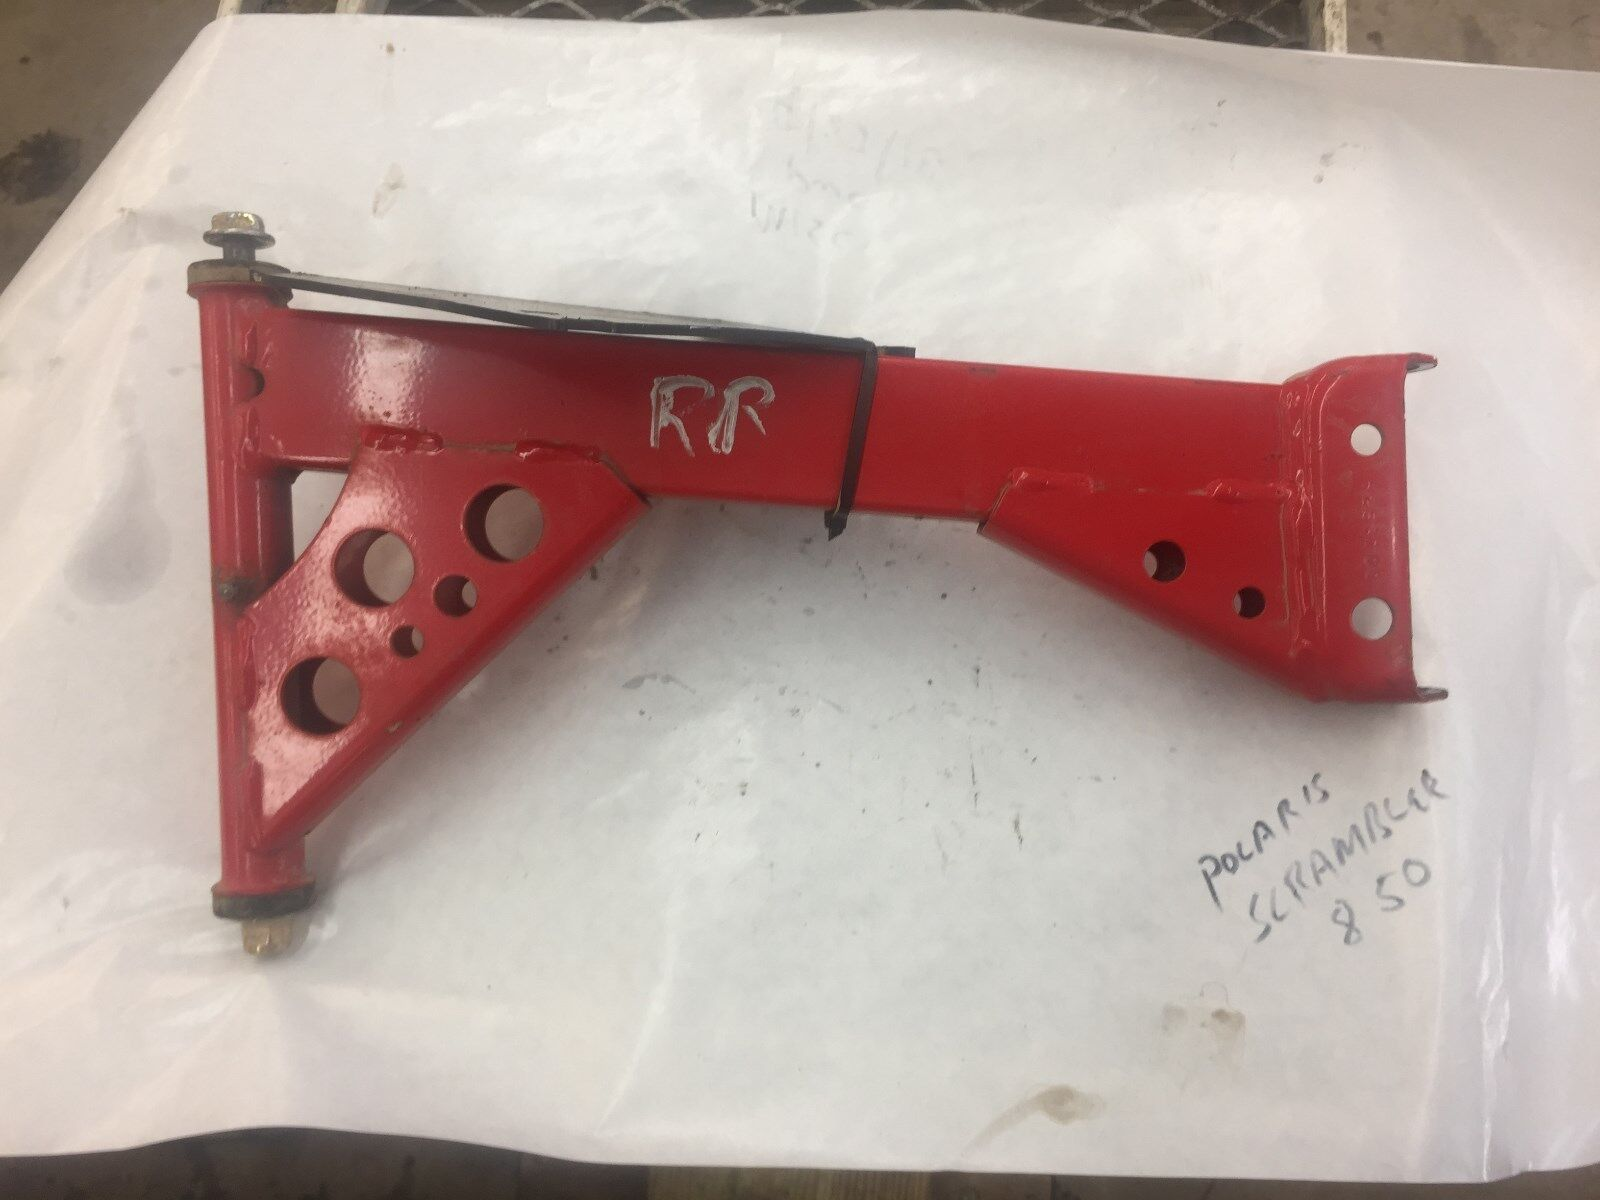 Polaris Scrambler 850 Upper Right Rear Control Arm 1017217-293